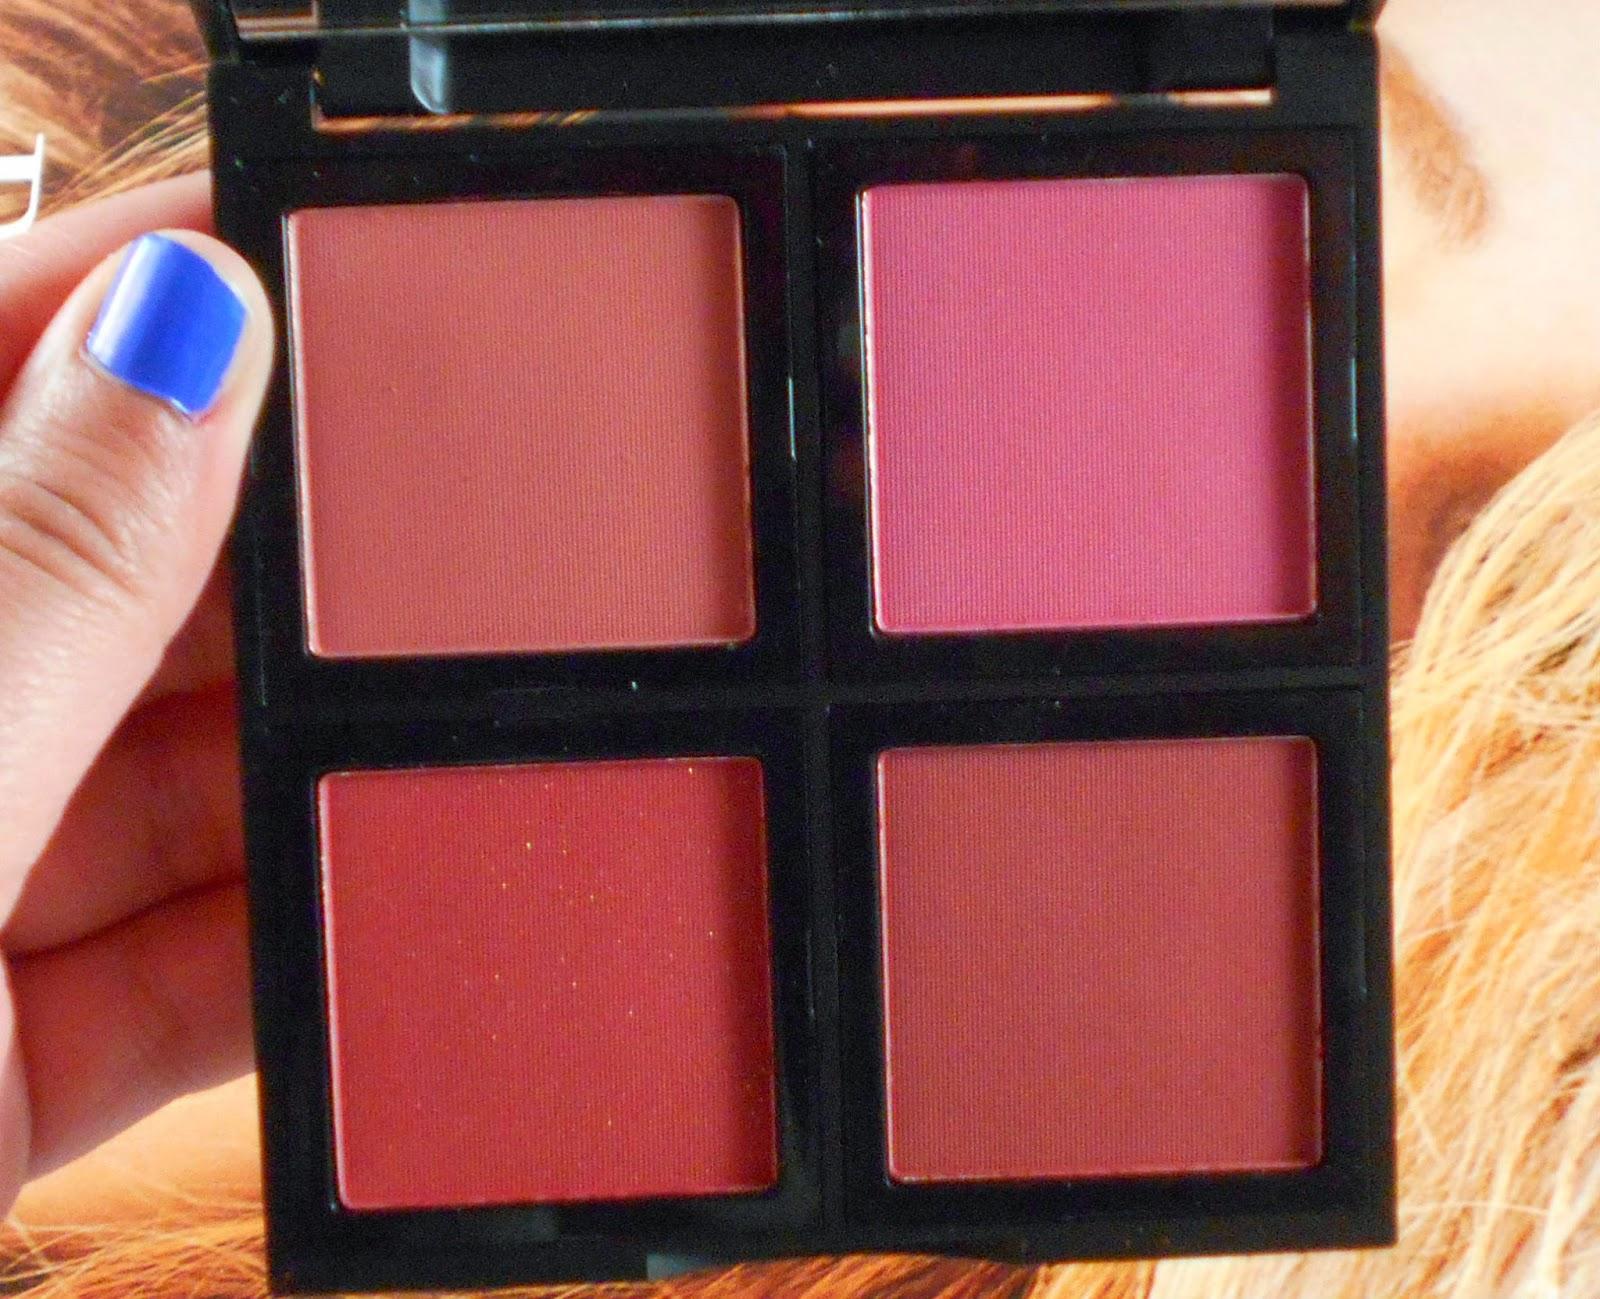 ELF Studio Blush Palettes